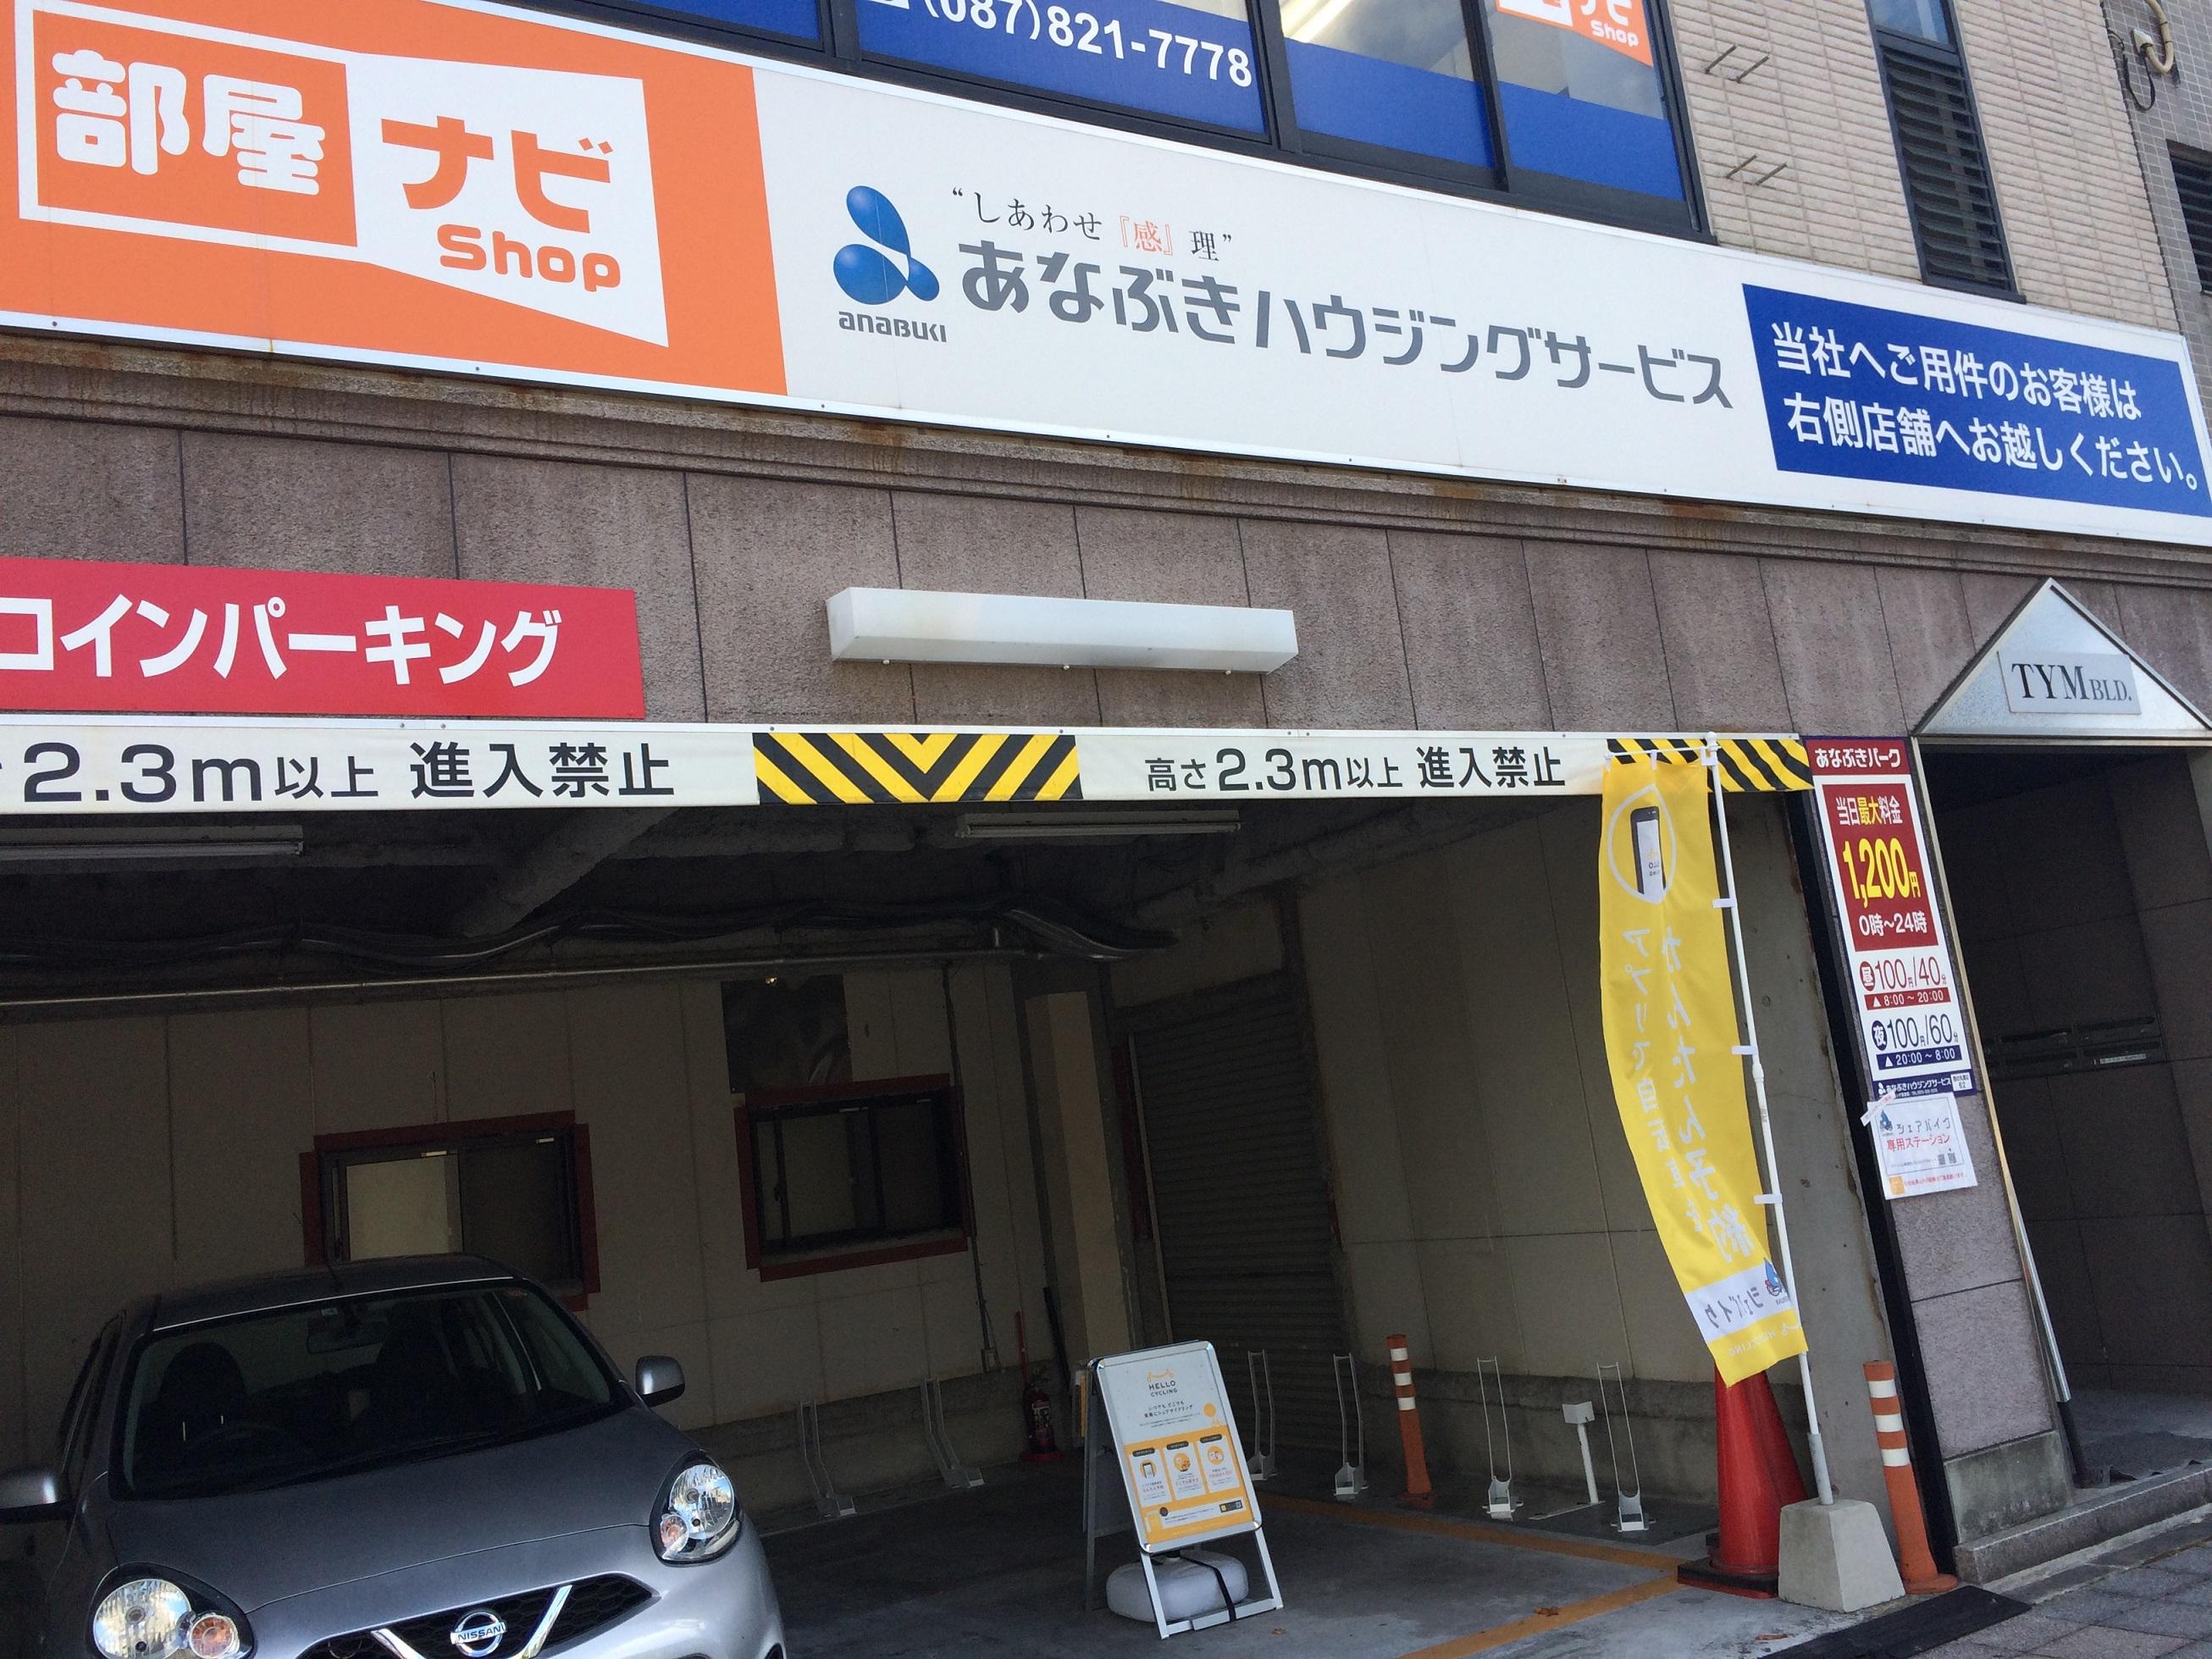 JR高松駅南側(あなぶき西の丸第2パーキング) (HELLO CYCLING ポート) image